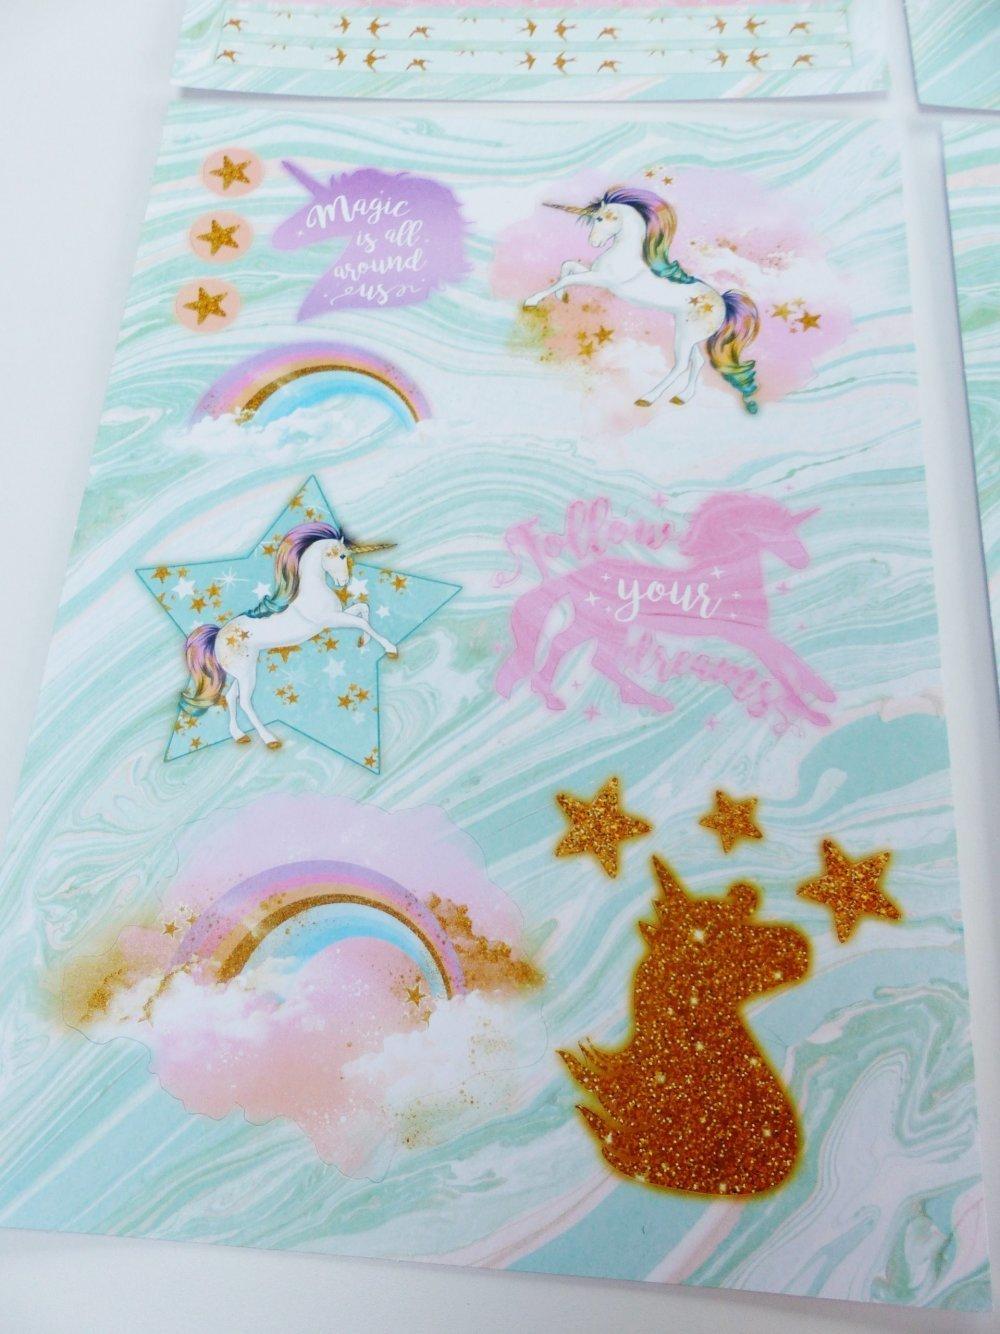 4 feuilles A4 imprimé die cut forme pré découpé licorne arc en ciel etiquette bordure étoile